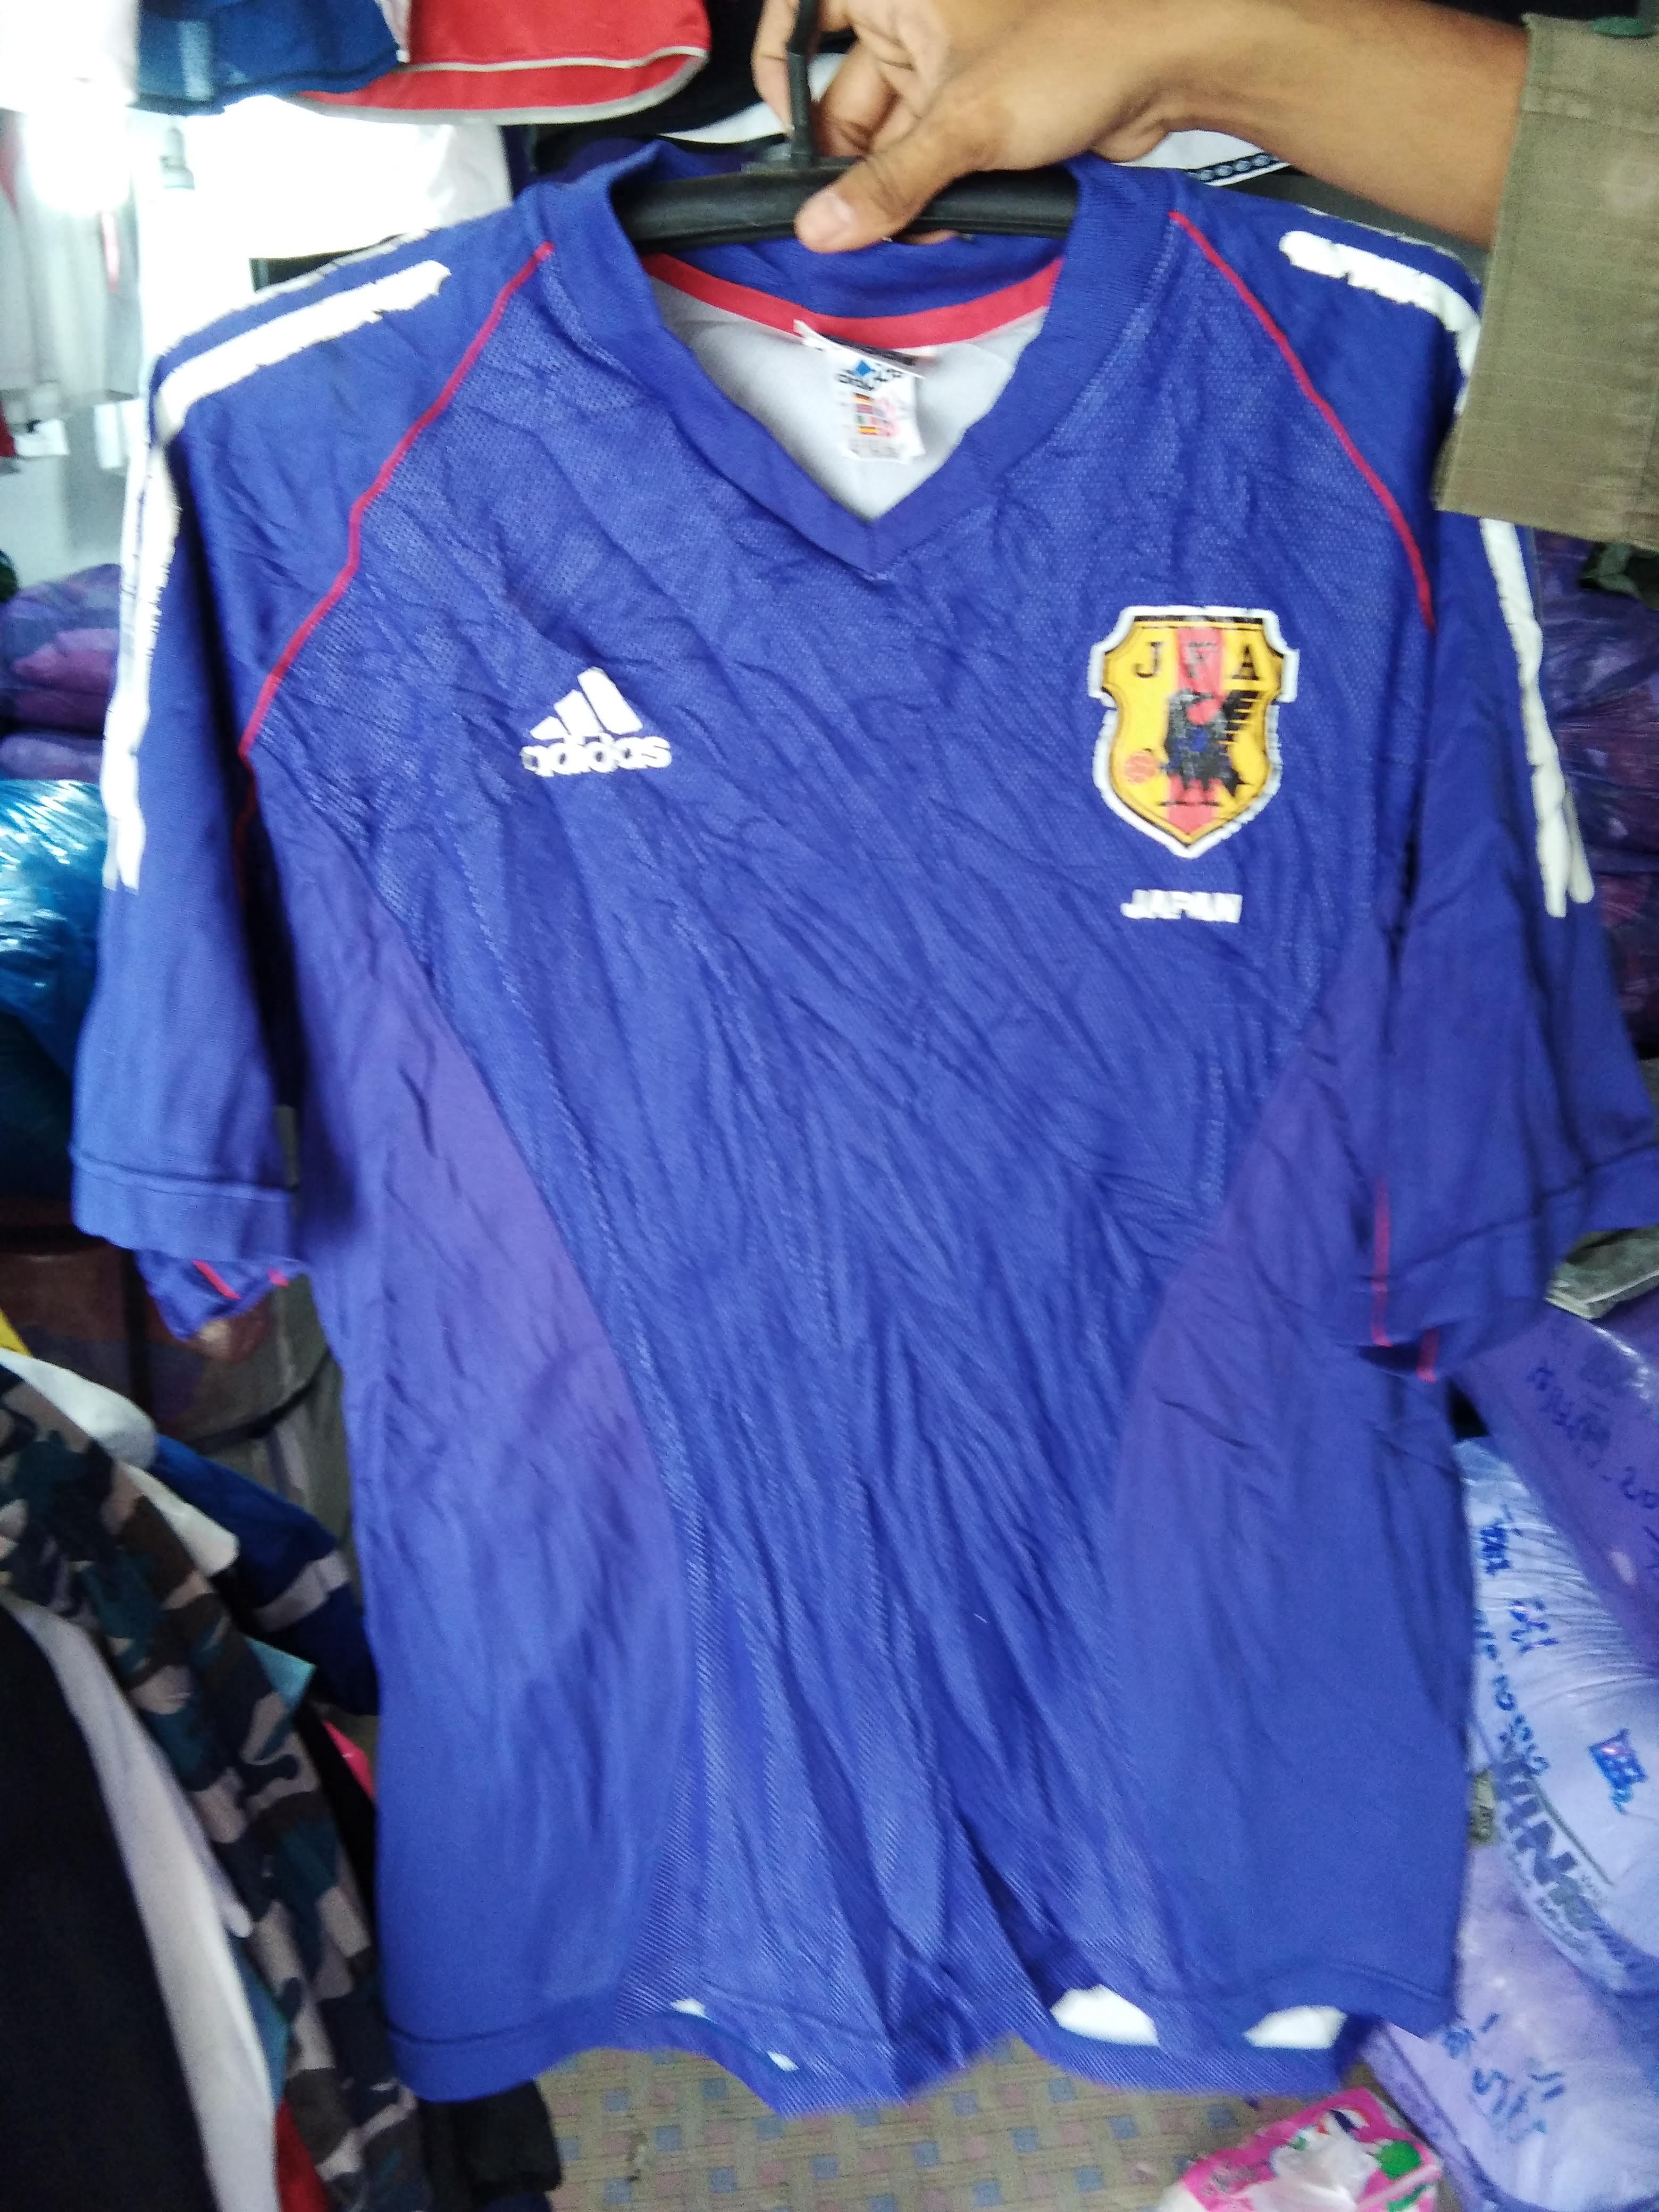 เสื้อทีมชาติ ญี่ปุ่น ฟุตบอลโลก มือสอง งานคัด Adidas